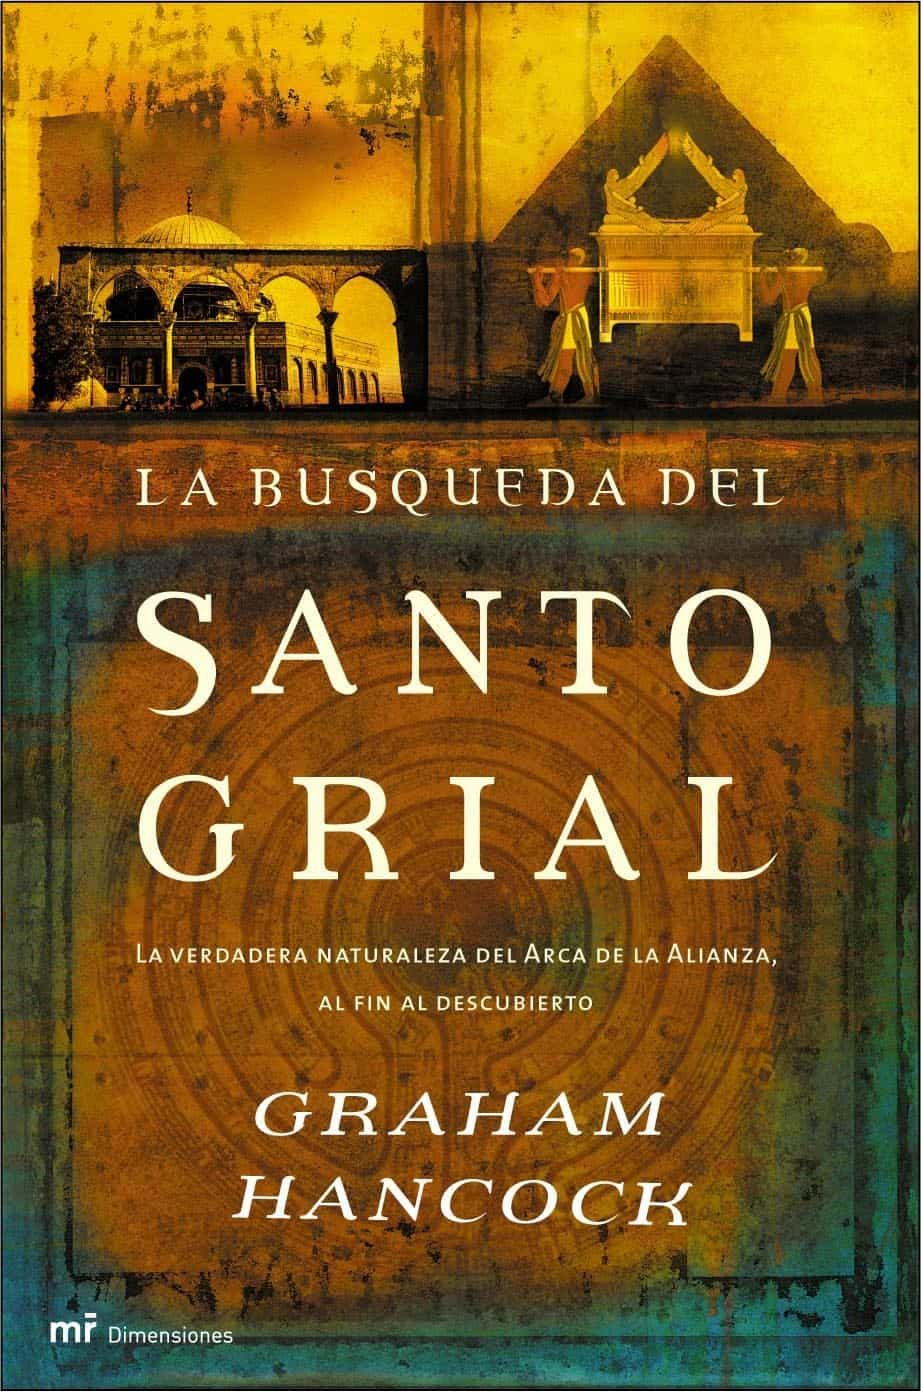 La Busqueda Del Santo Grial: La Verdadera Naturaleza Del Arca De La Alianza, Al Fin Al Descubierto por Graham Hancock